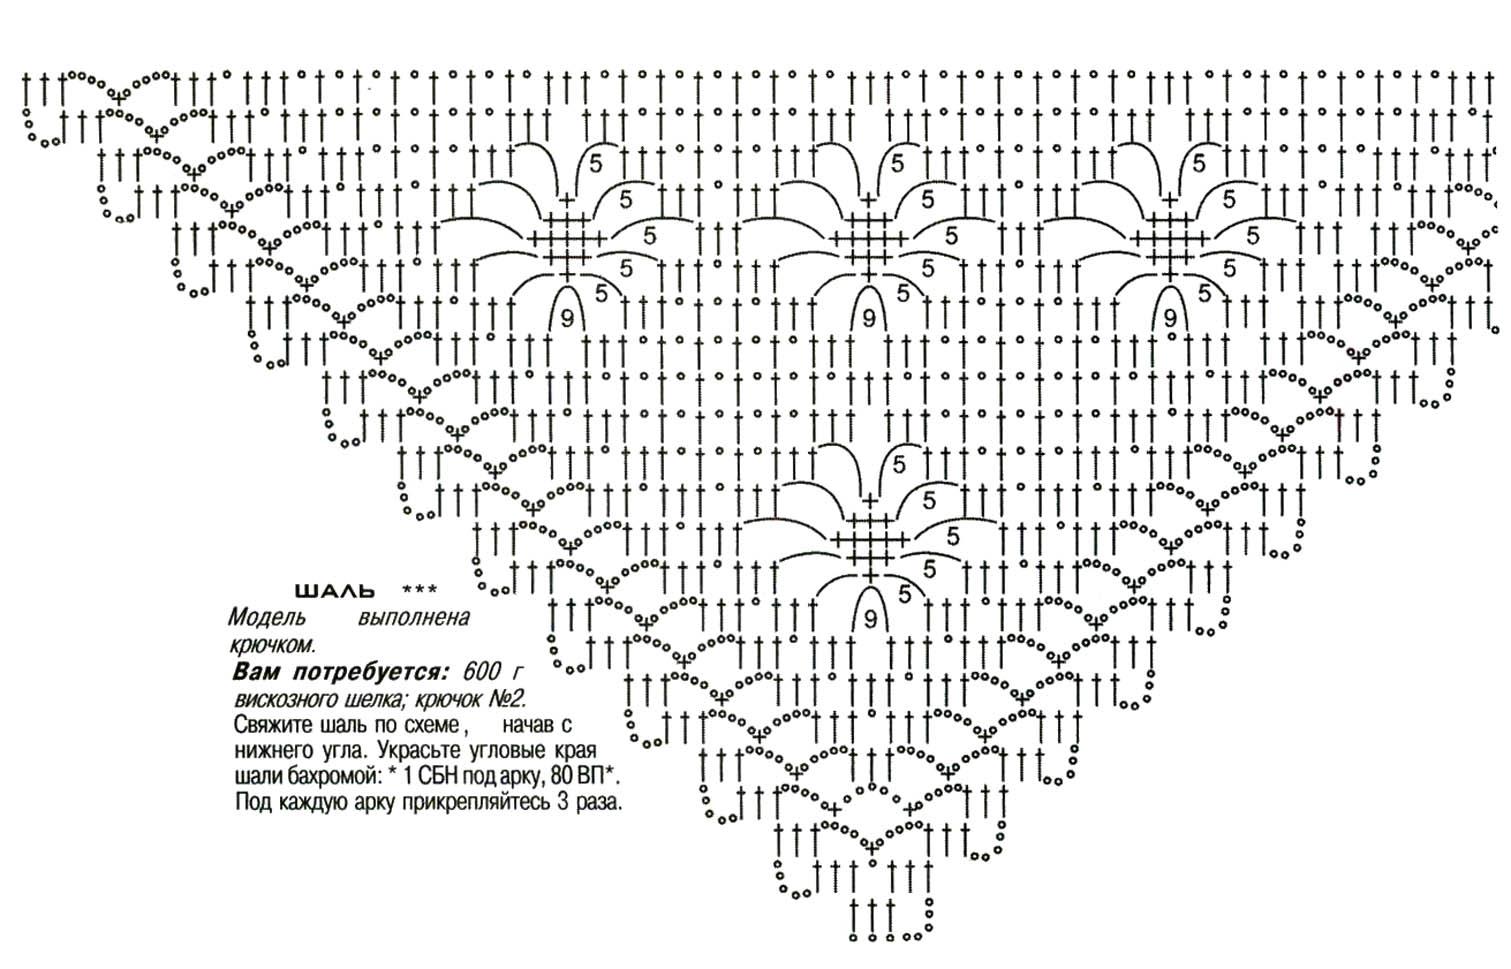 Шаль из секционно окрашенной пряжи.  Шаль - это большой вязаный платок.  Формы шали: Треугольник; Полукруг; Квадрат.